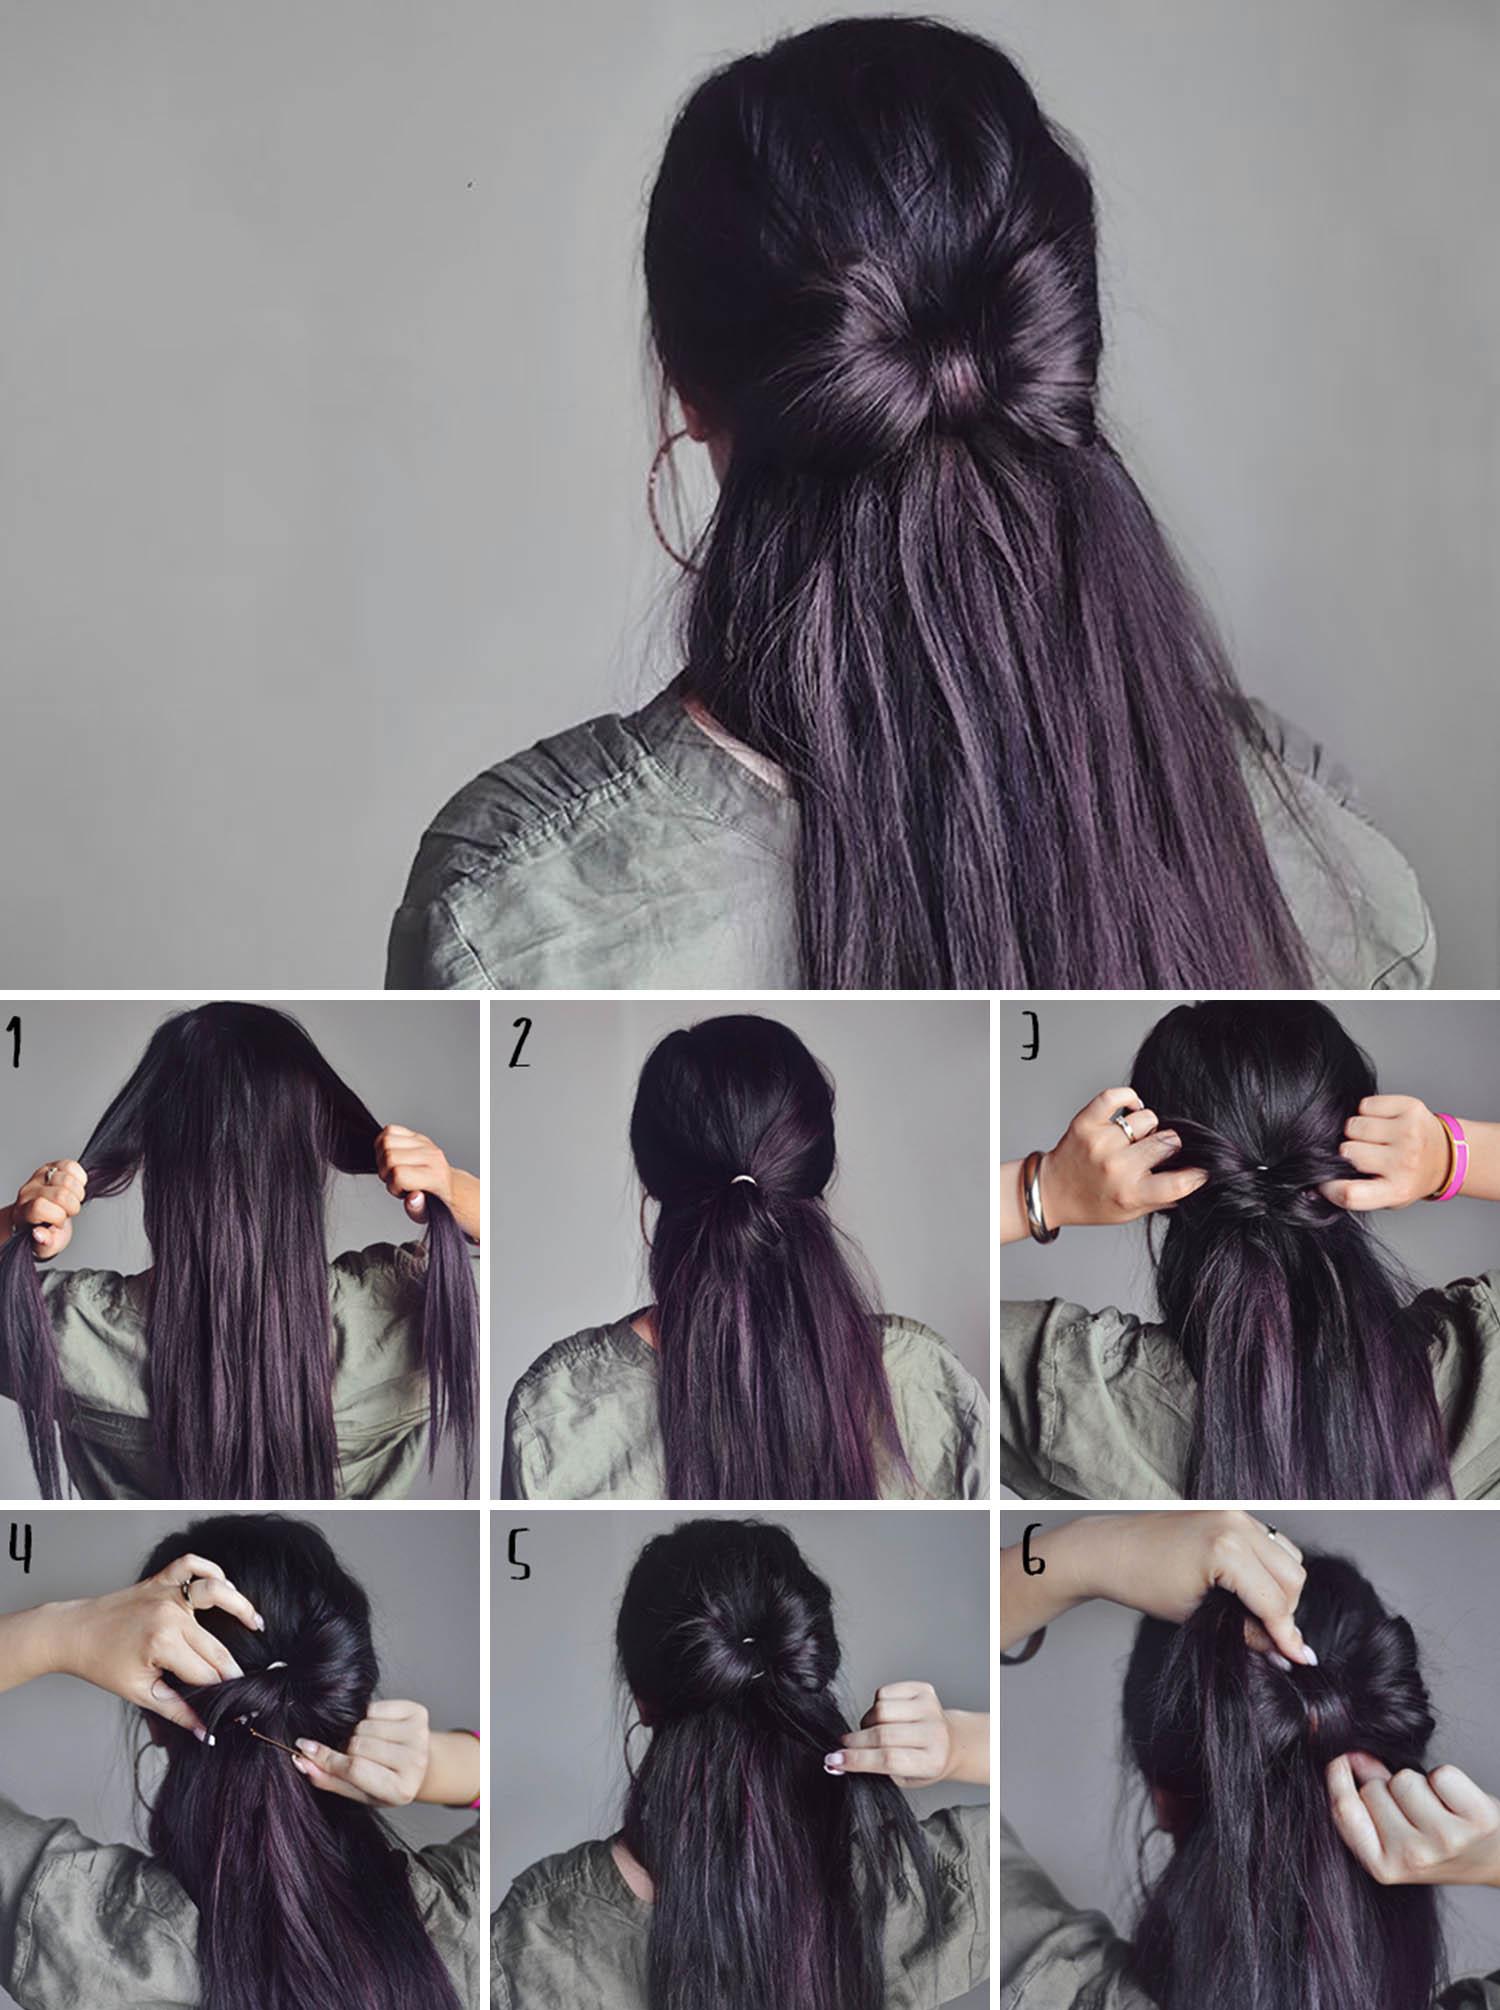 Coiffure simple pour kes cheveux longs.